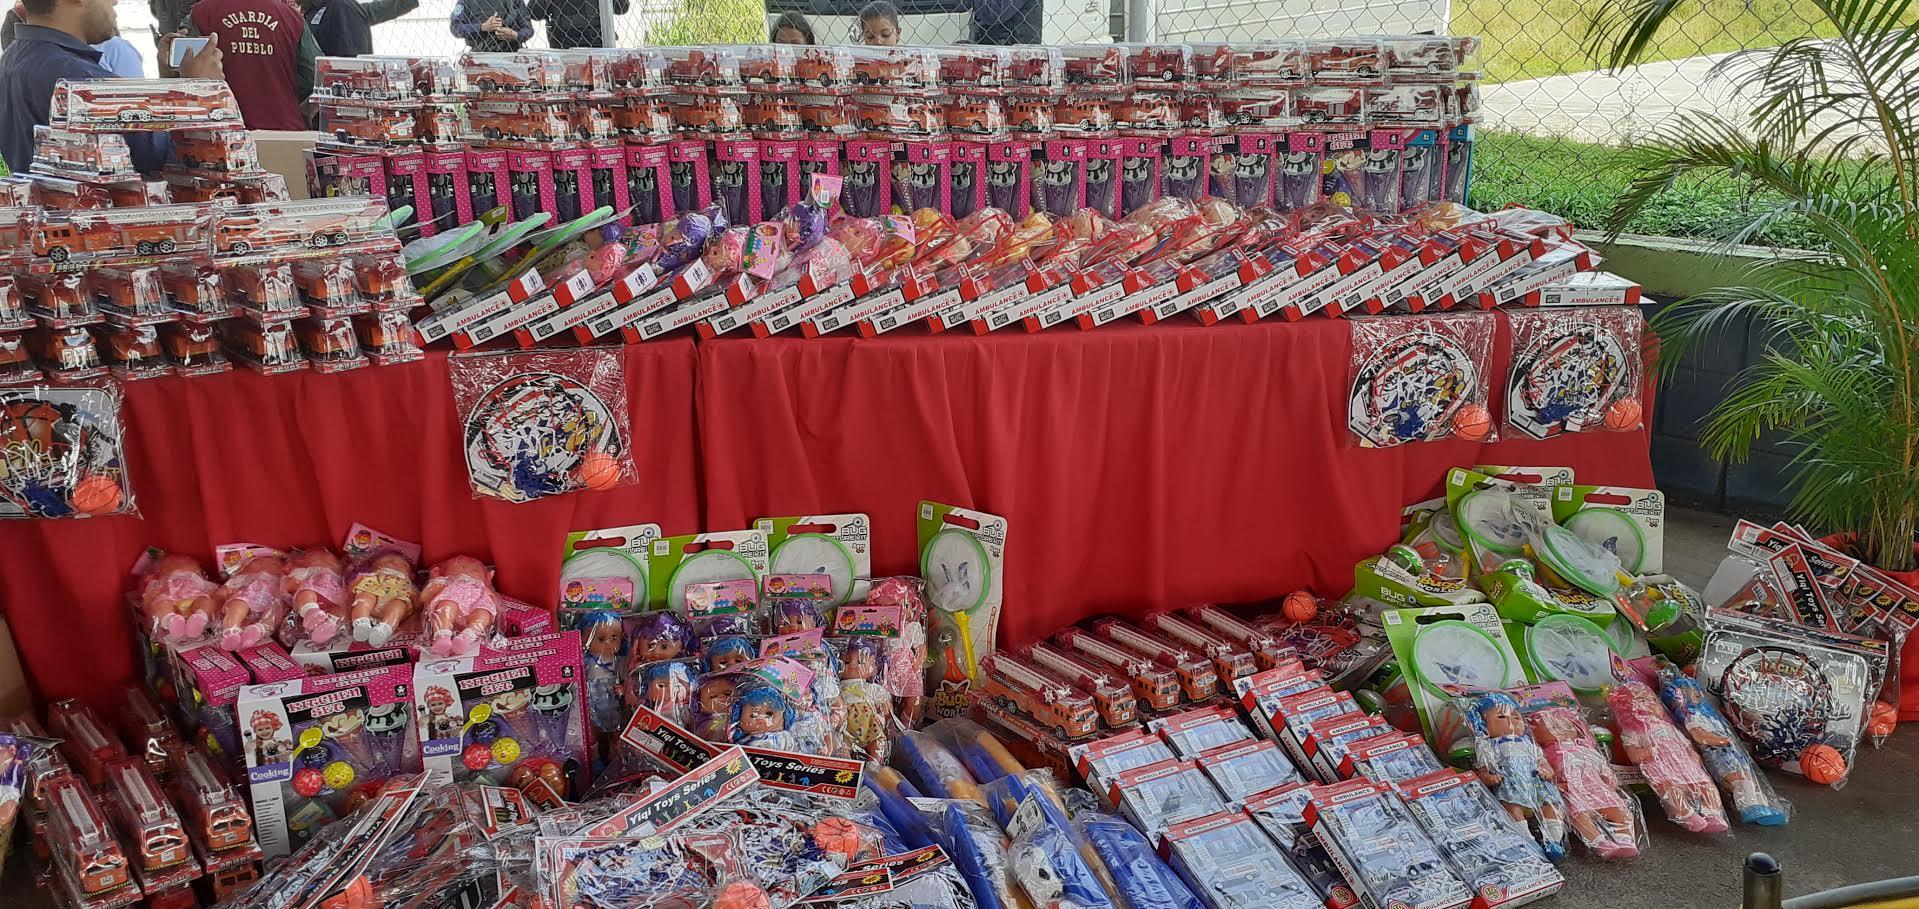 Entregados juguetes a niños y niñas por el Día de los Reyes Magos en Yaracuy (2)